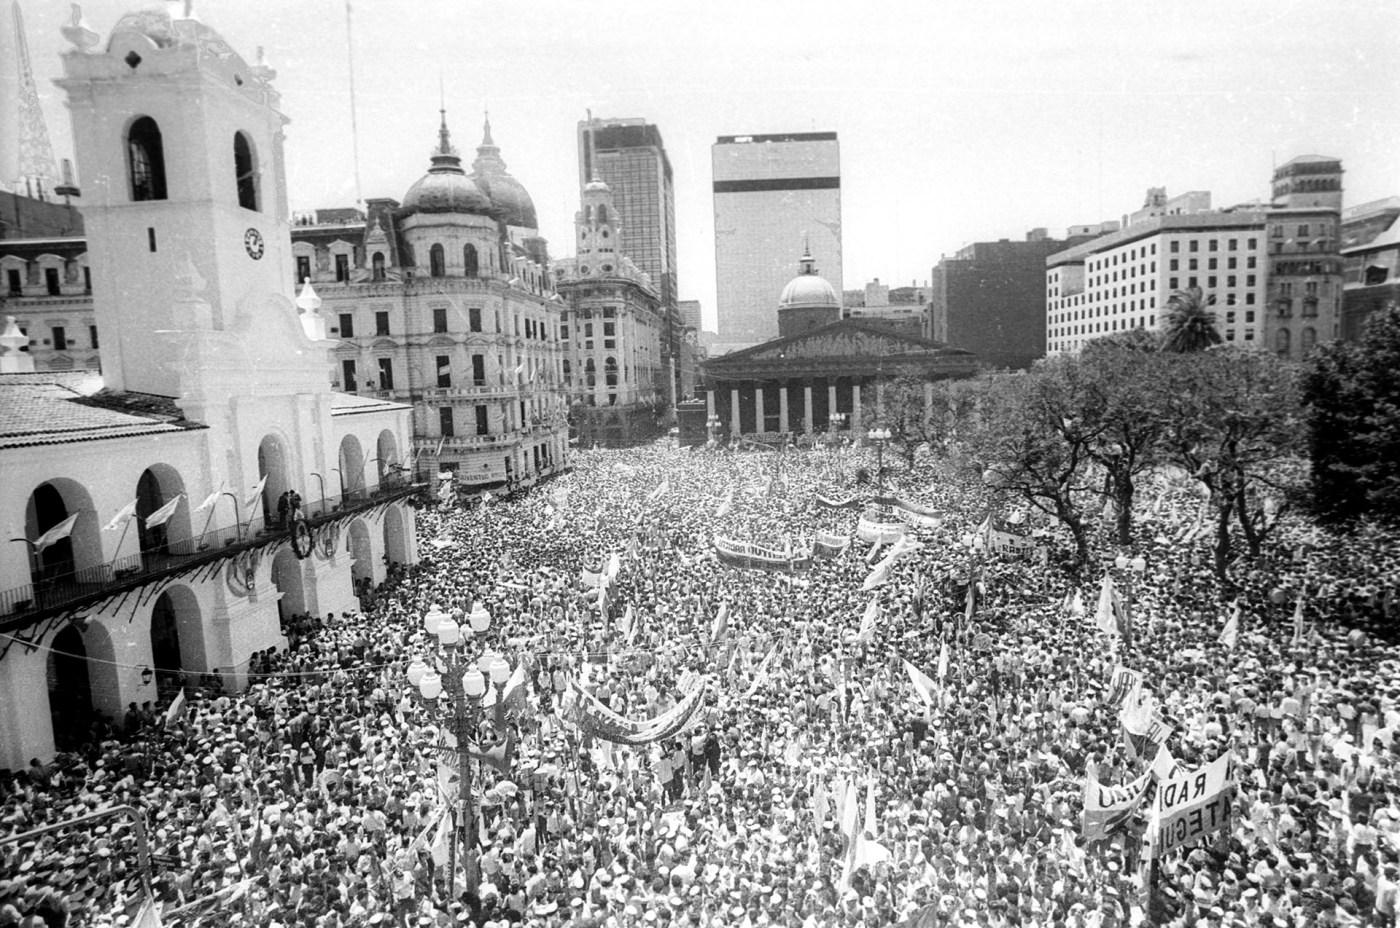 Después de los años oscuros de la dictadura, el fervor popular se vivió en las calles